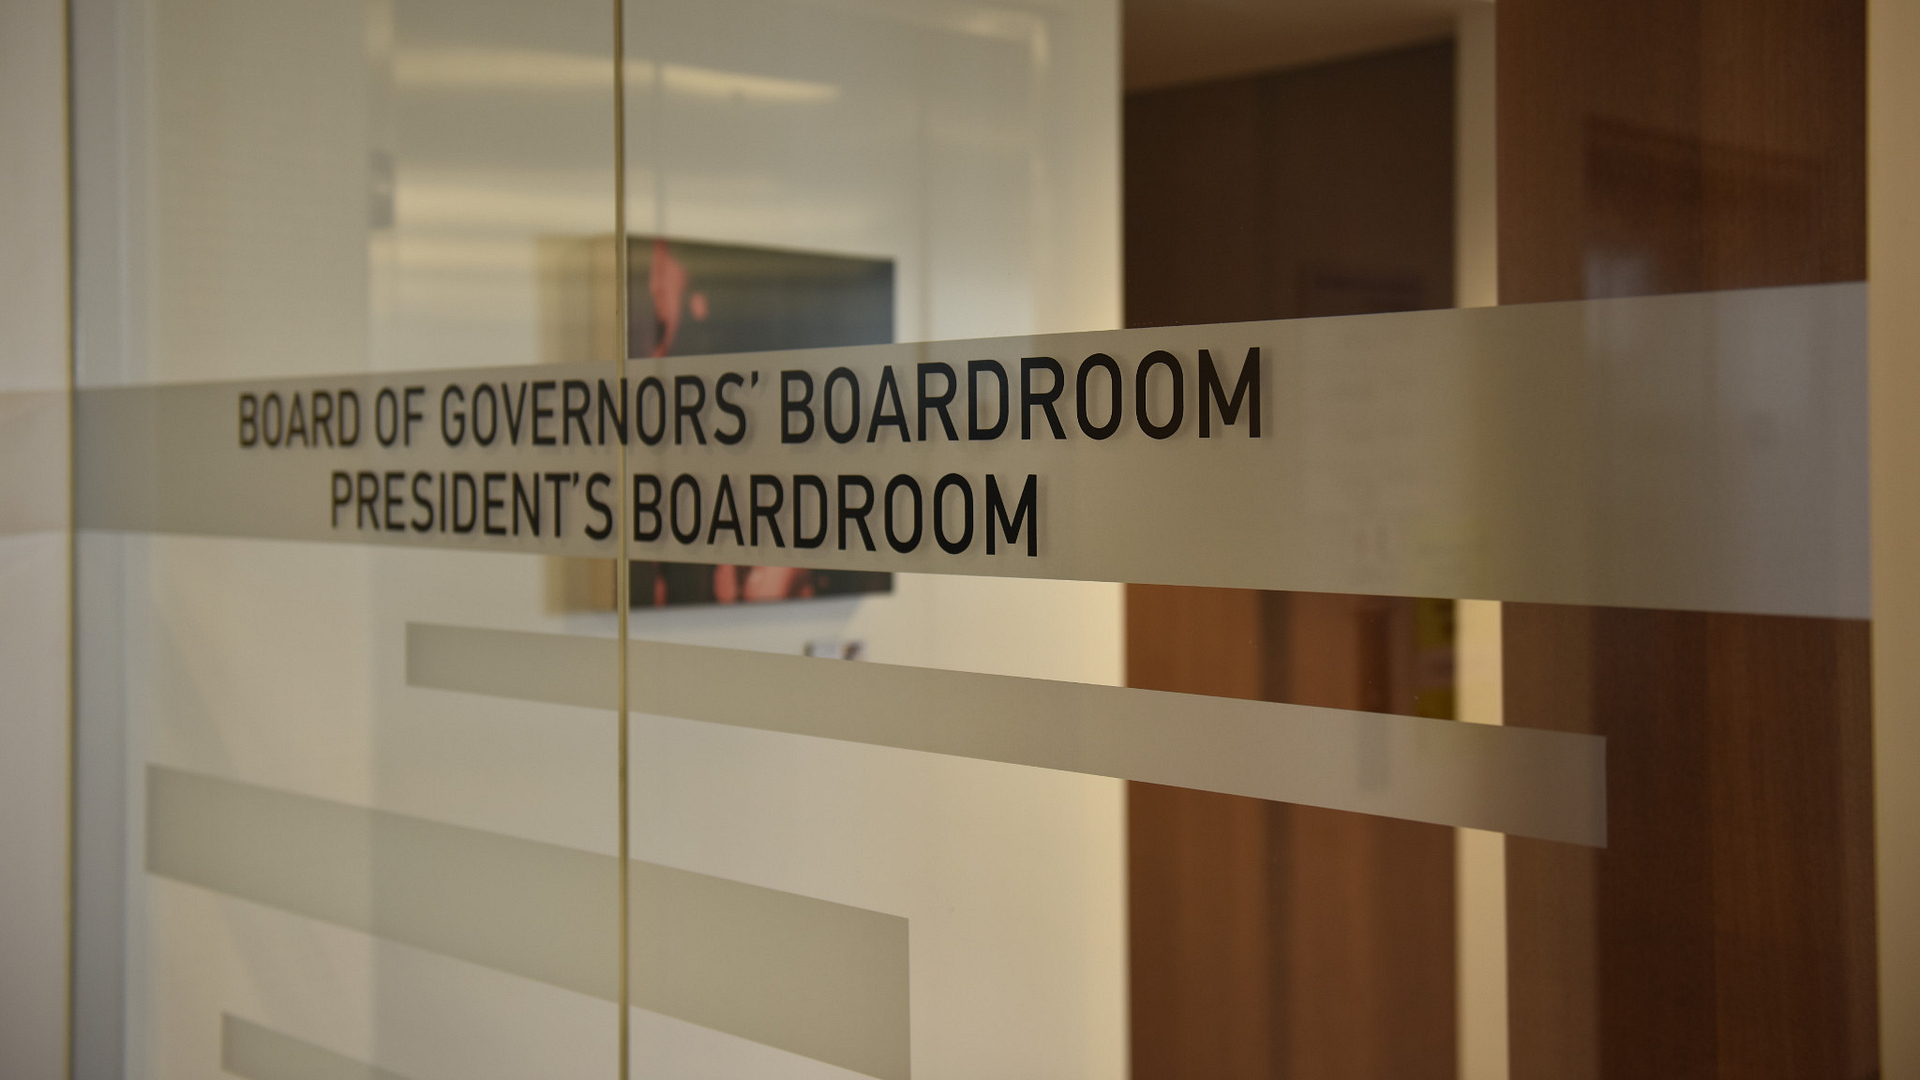 Board of Governors' Boardroom / President's Boardroom